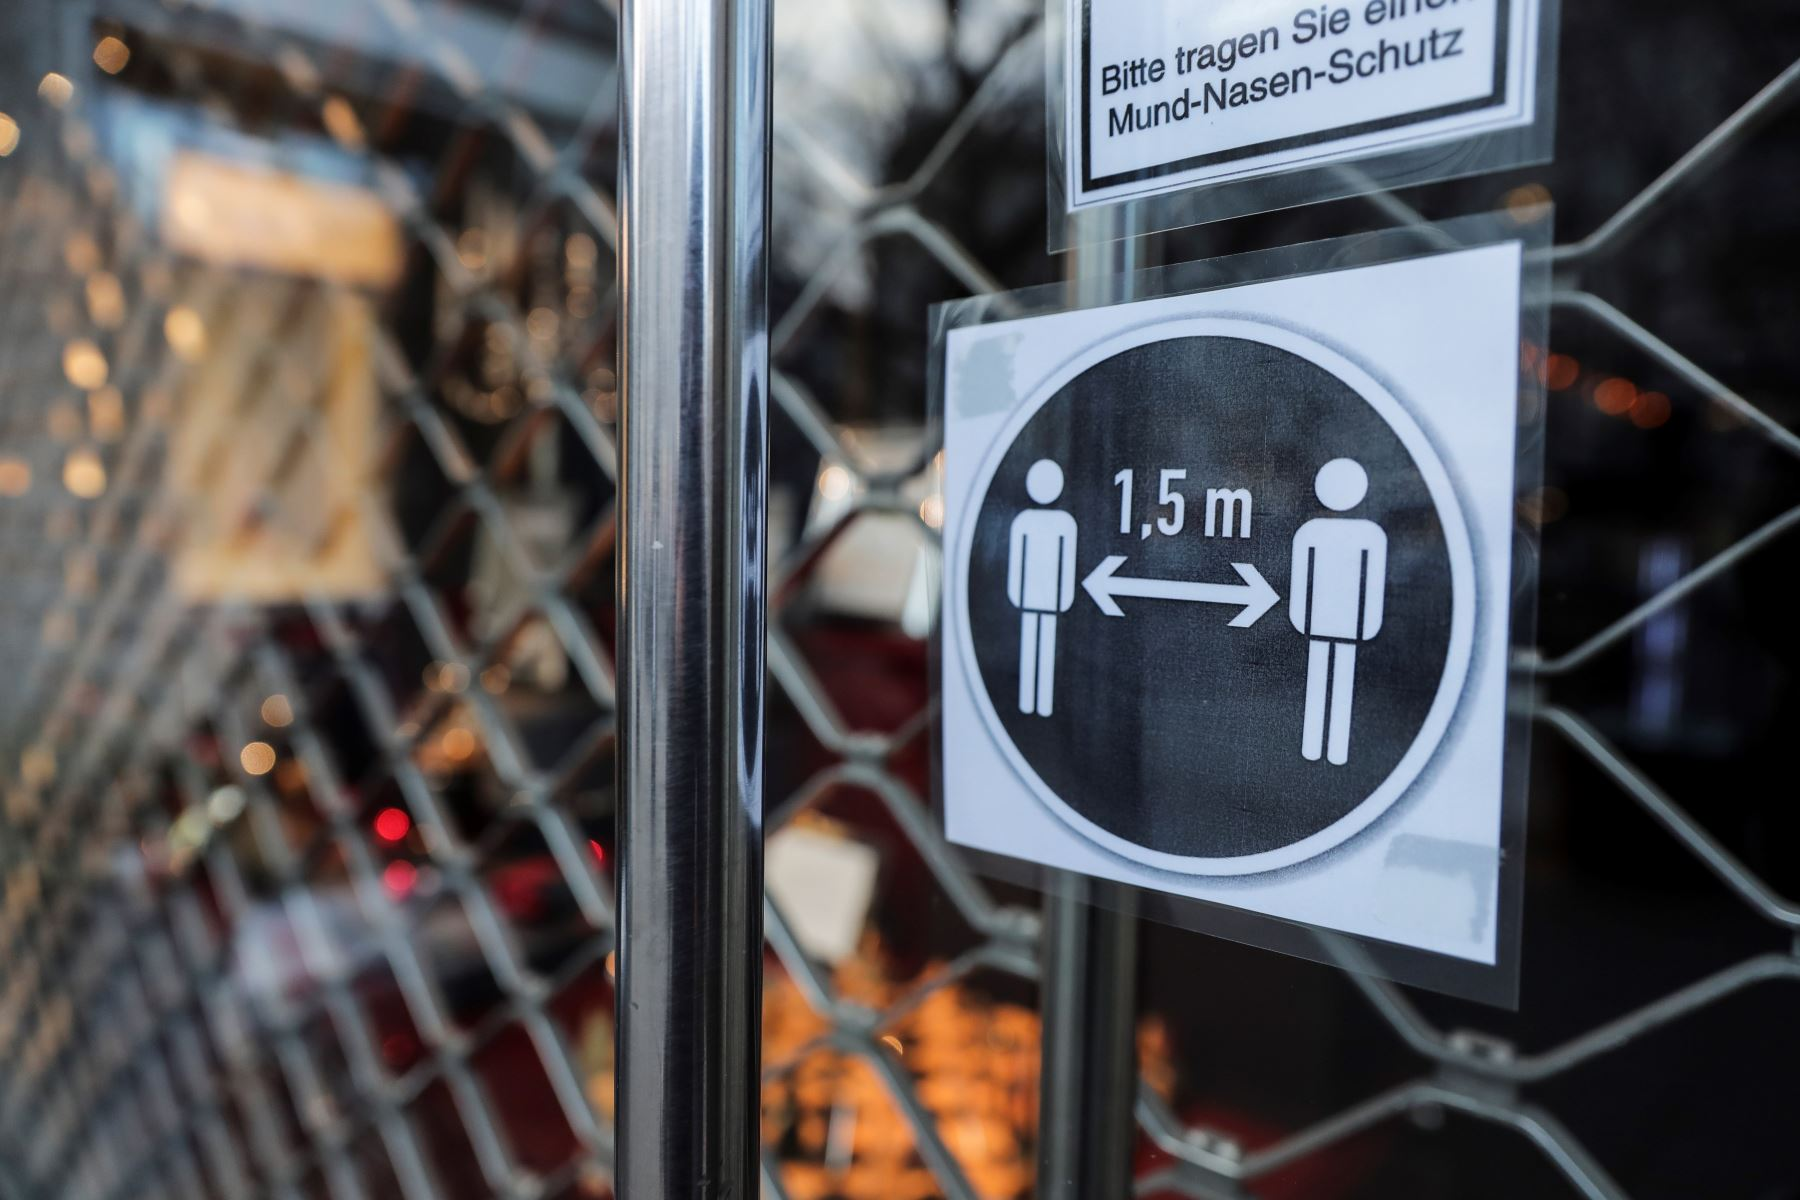 Un cartel, indica mantener una distancia de 1,5 metros en la puerta de entrada de una tienda cerrada en Berlín, Alemania. Foto: EFE